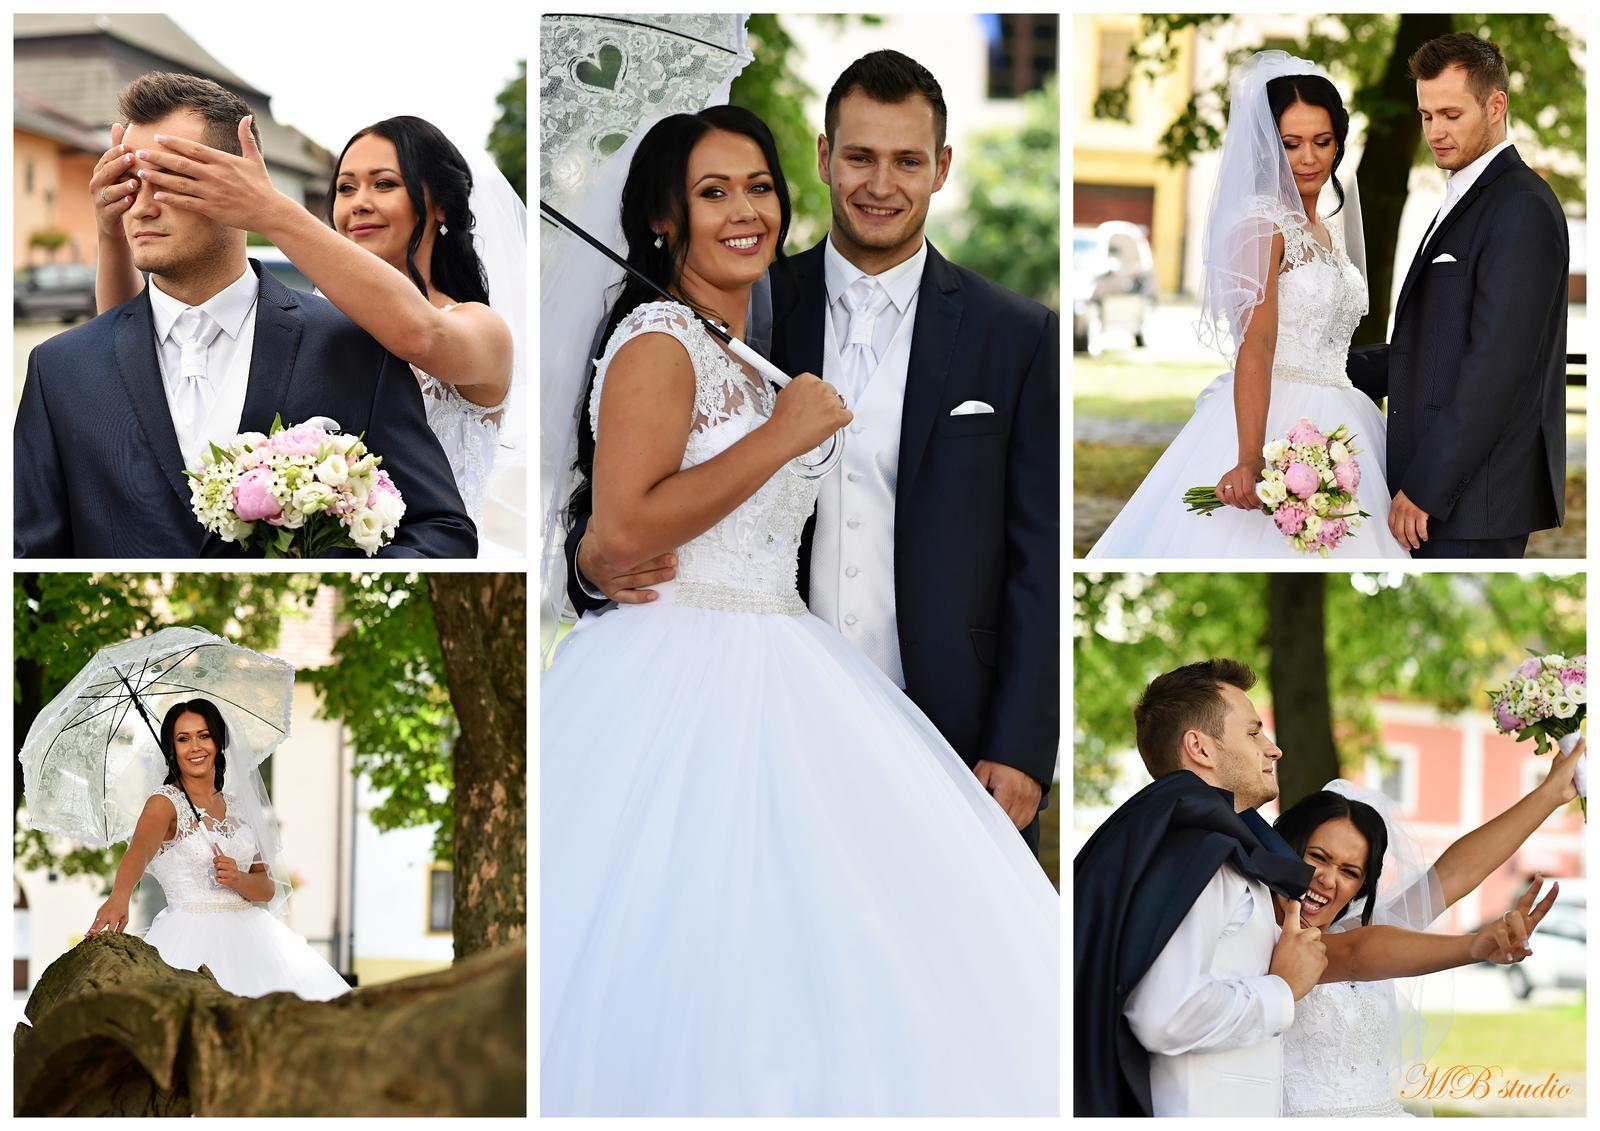 a584a65fe1 Hľadáme fotografa a kameramana na svadbu 14.9.2019...